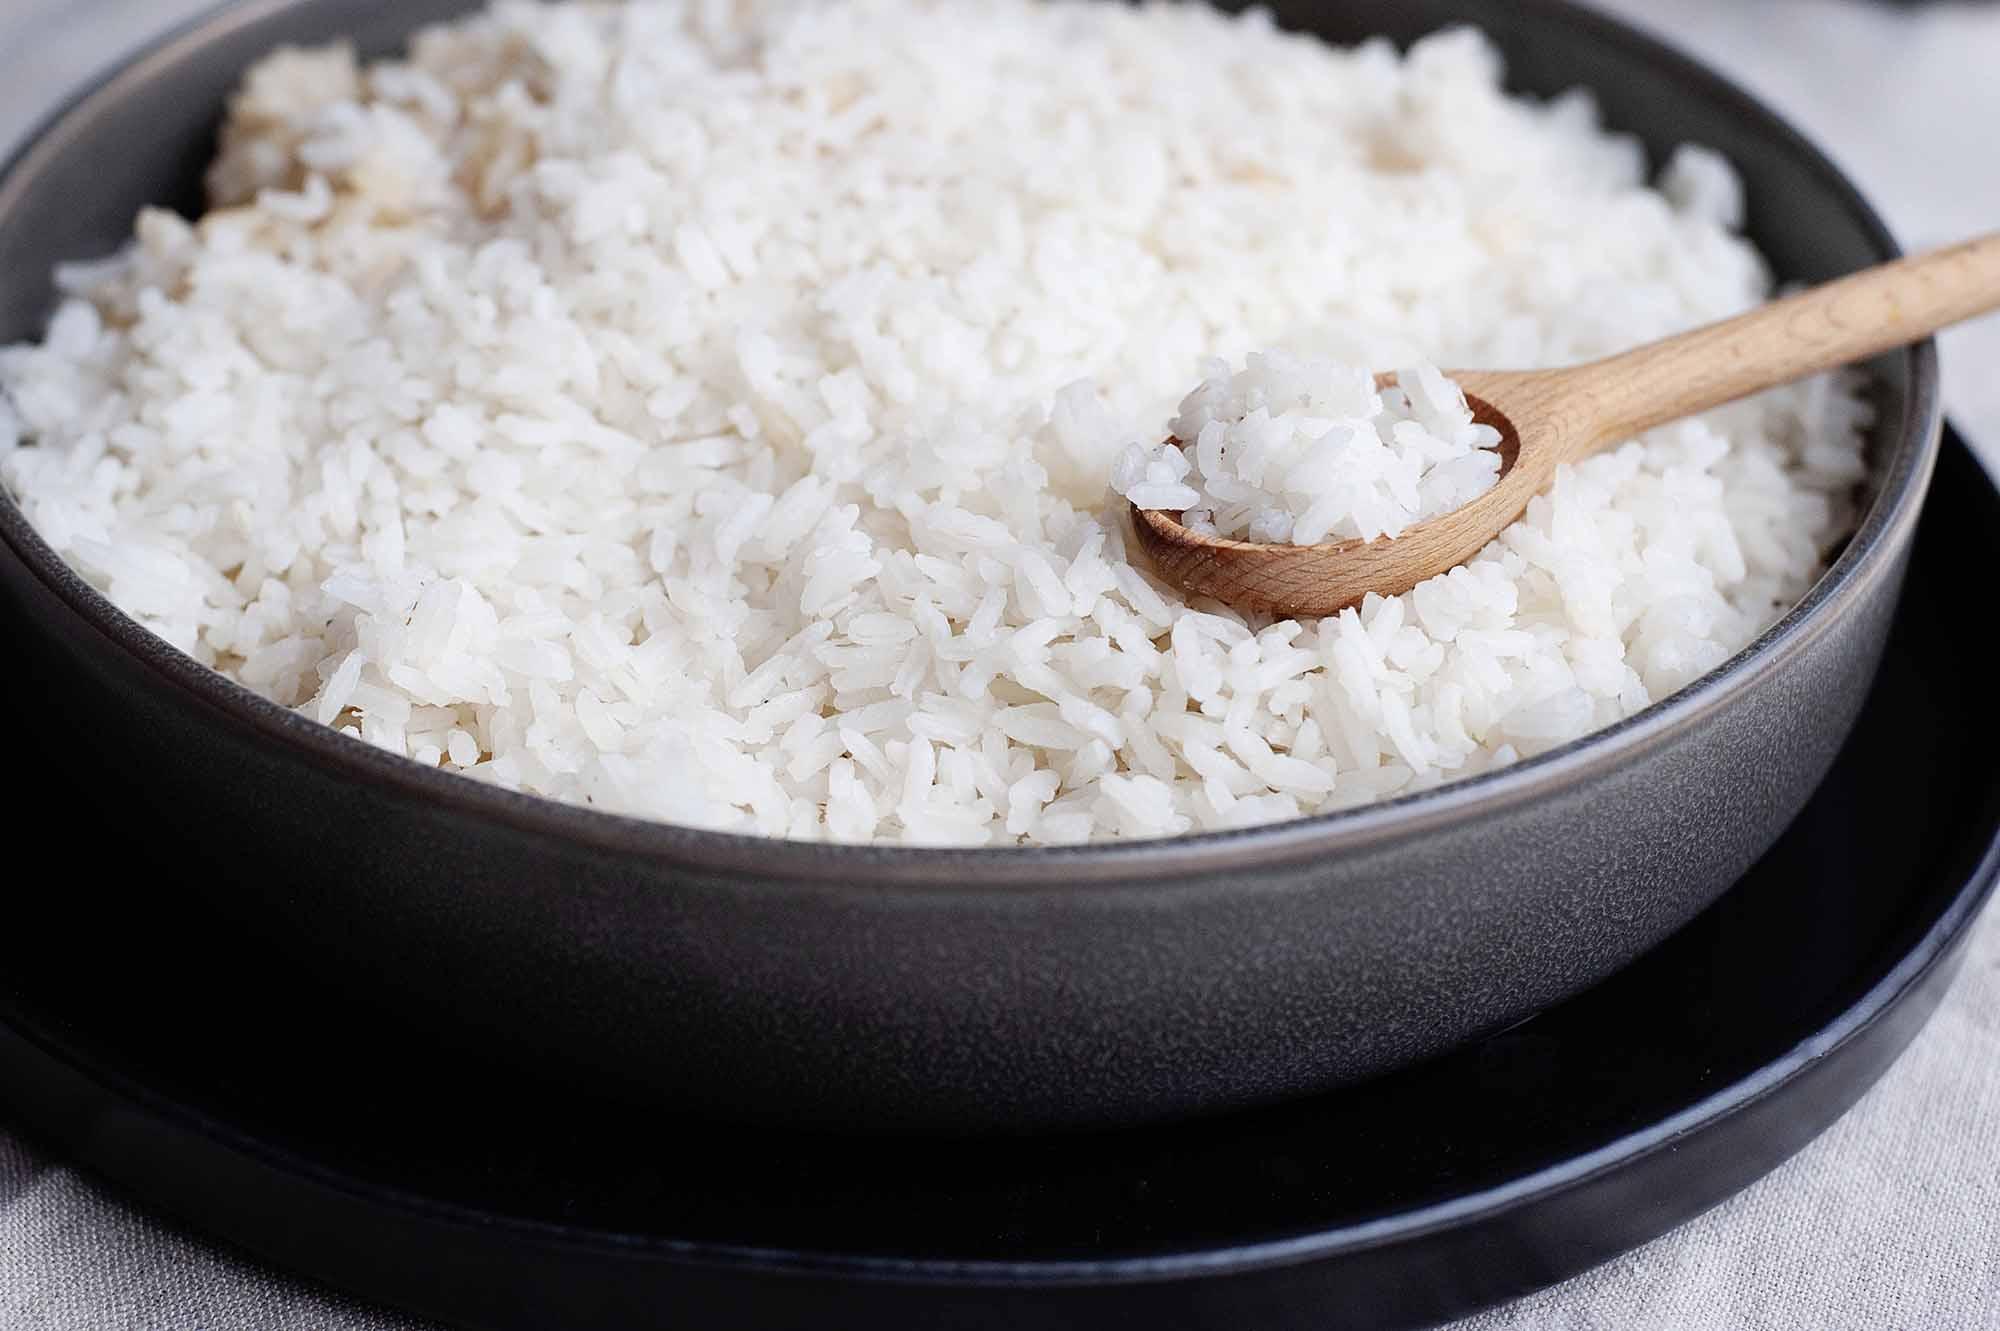 Perfecto arroz blanco en una sartén de metal con una cuchara de madera llena de arroz blanco cocido.